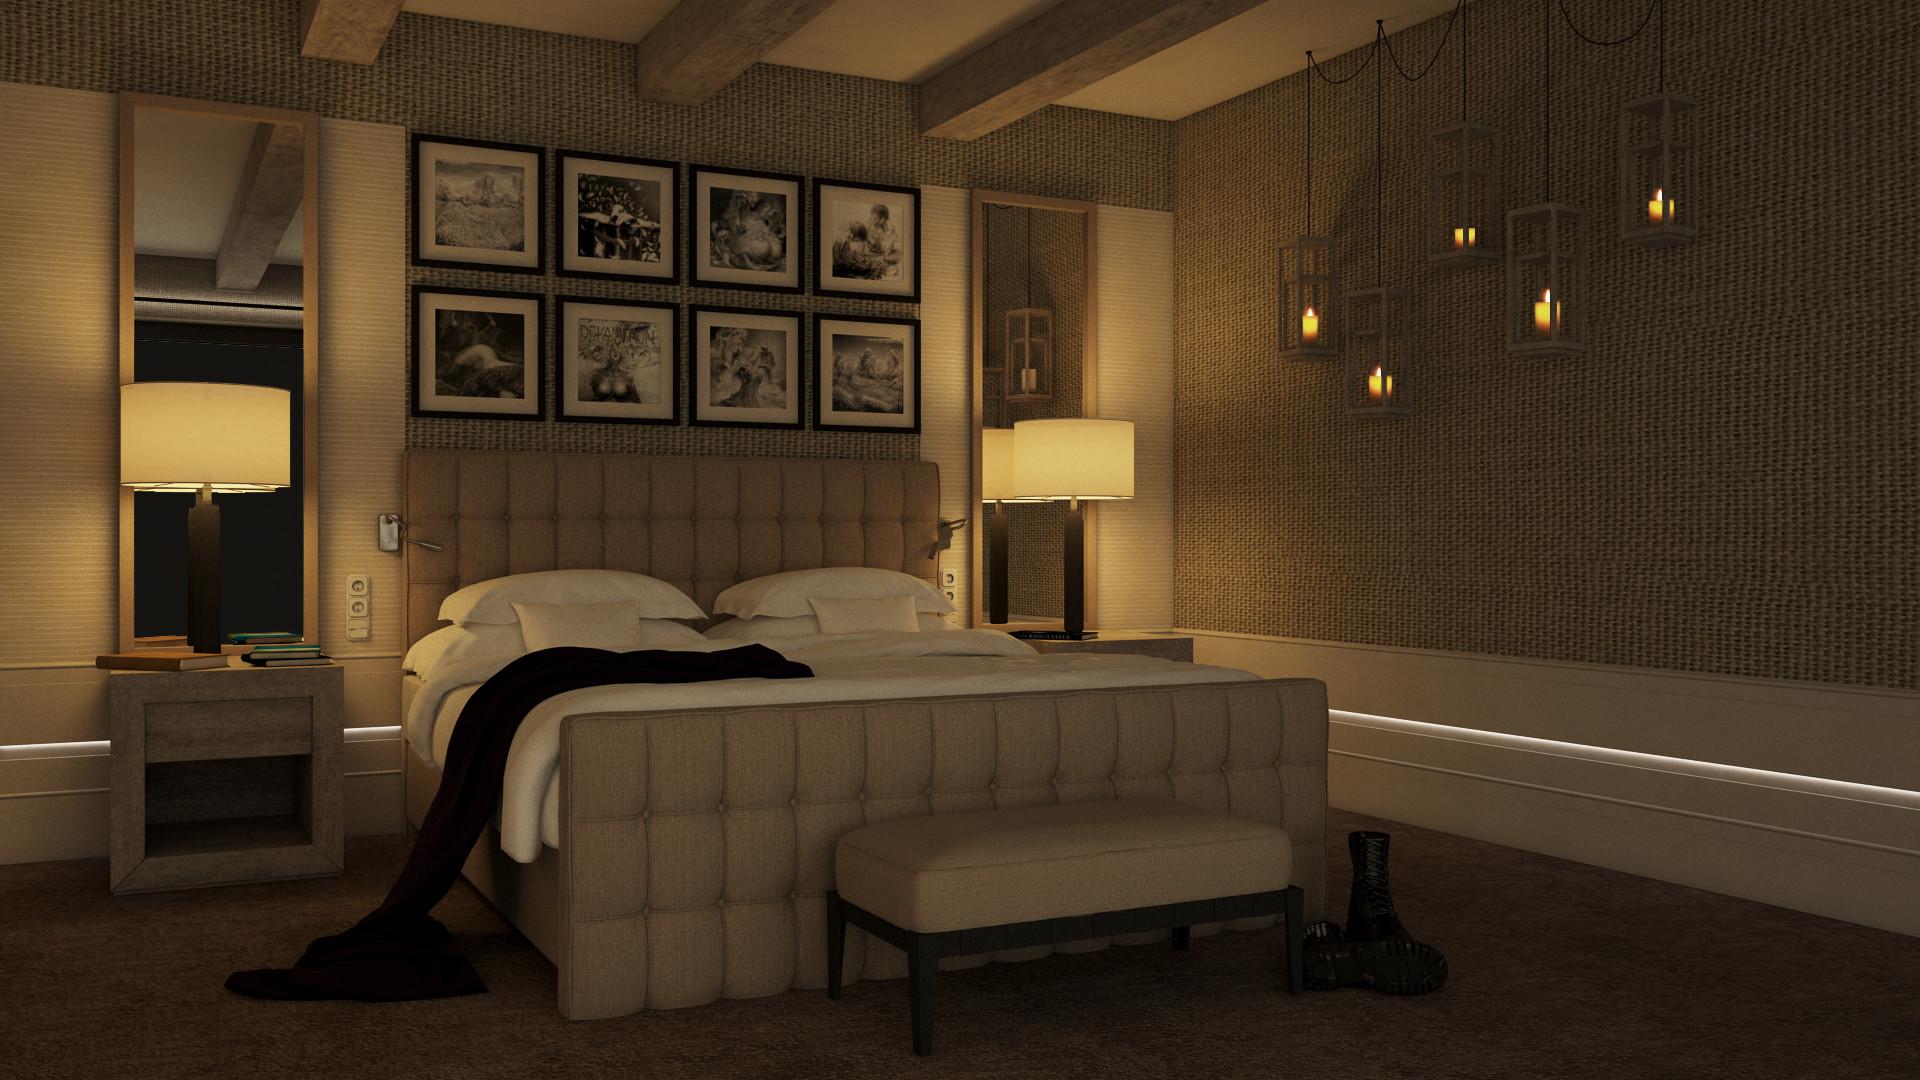 Pawel oleskow wizualizacja sypialnia 04